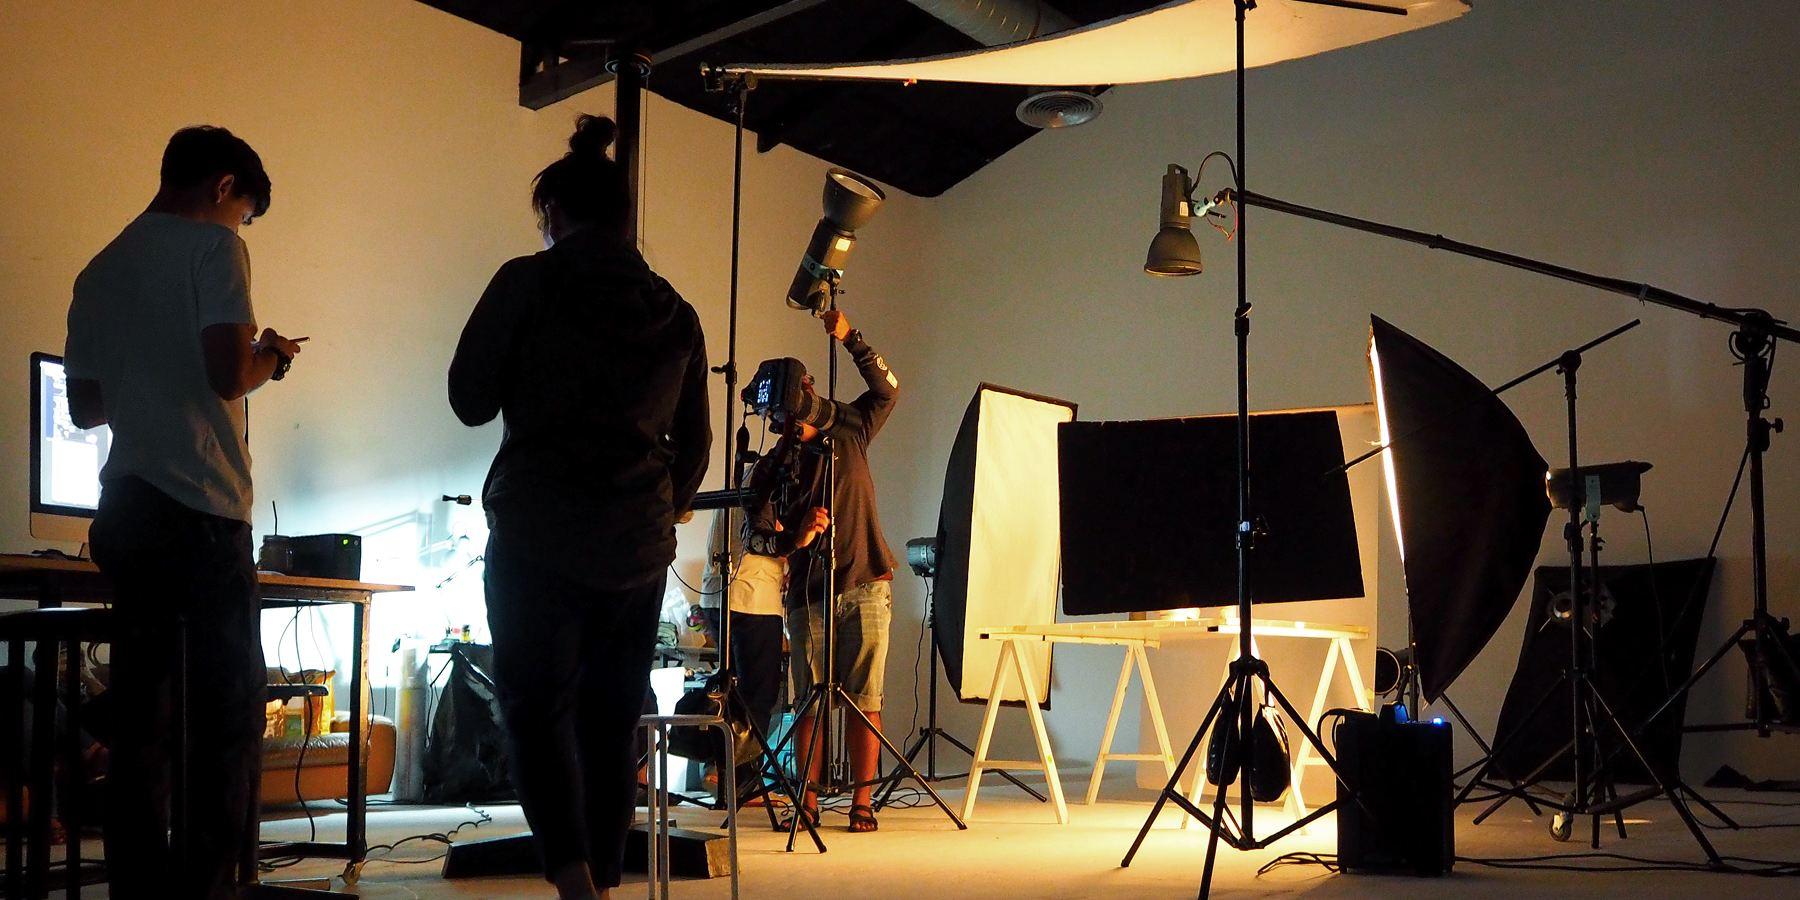 El nuevo impulso del mercado audiovisual